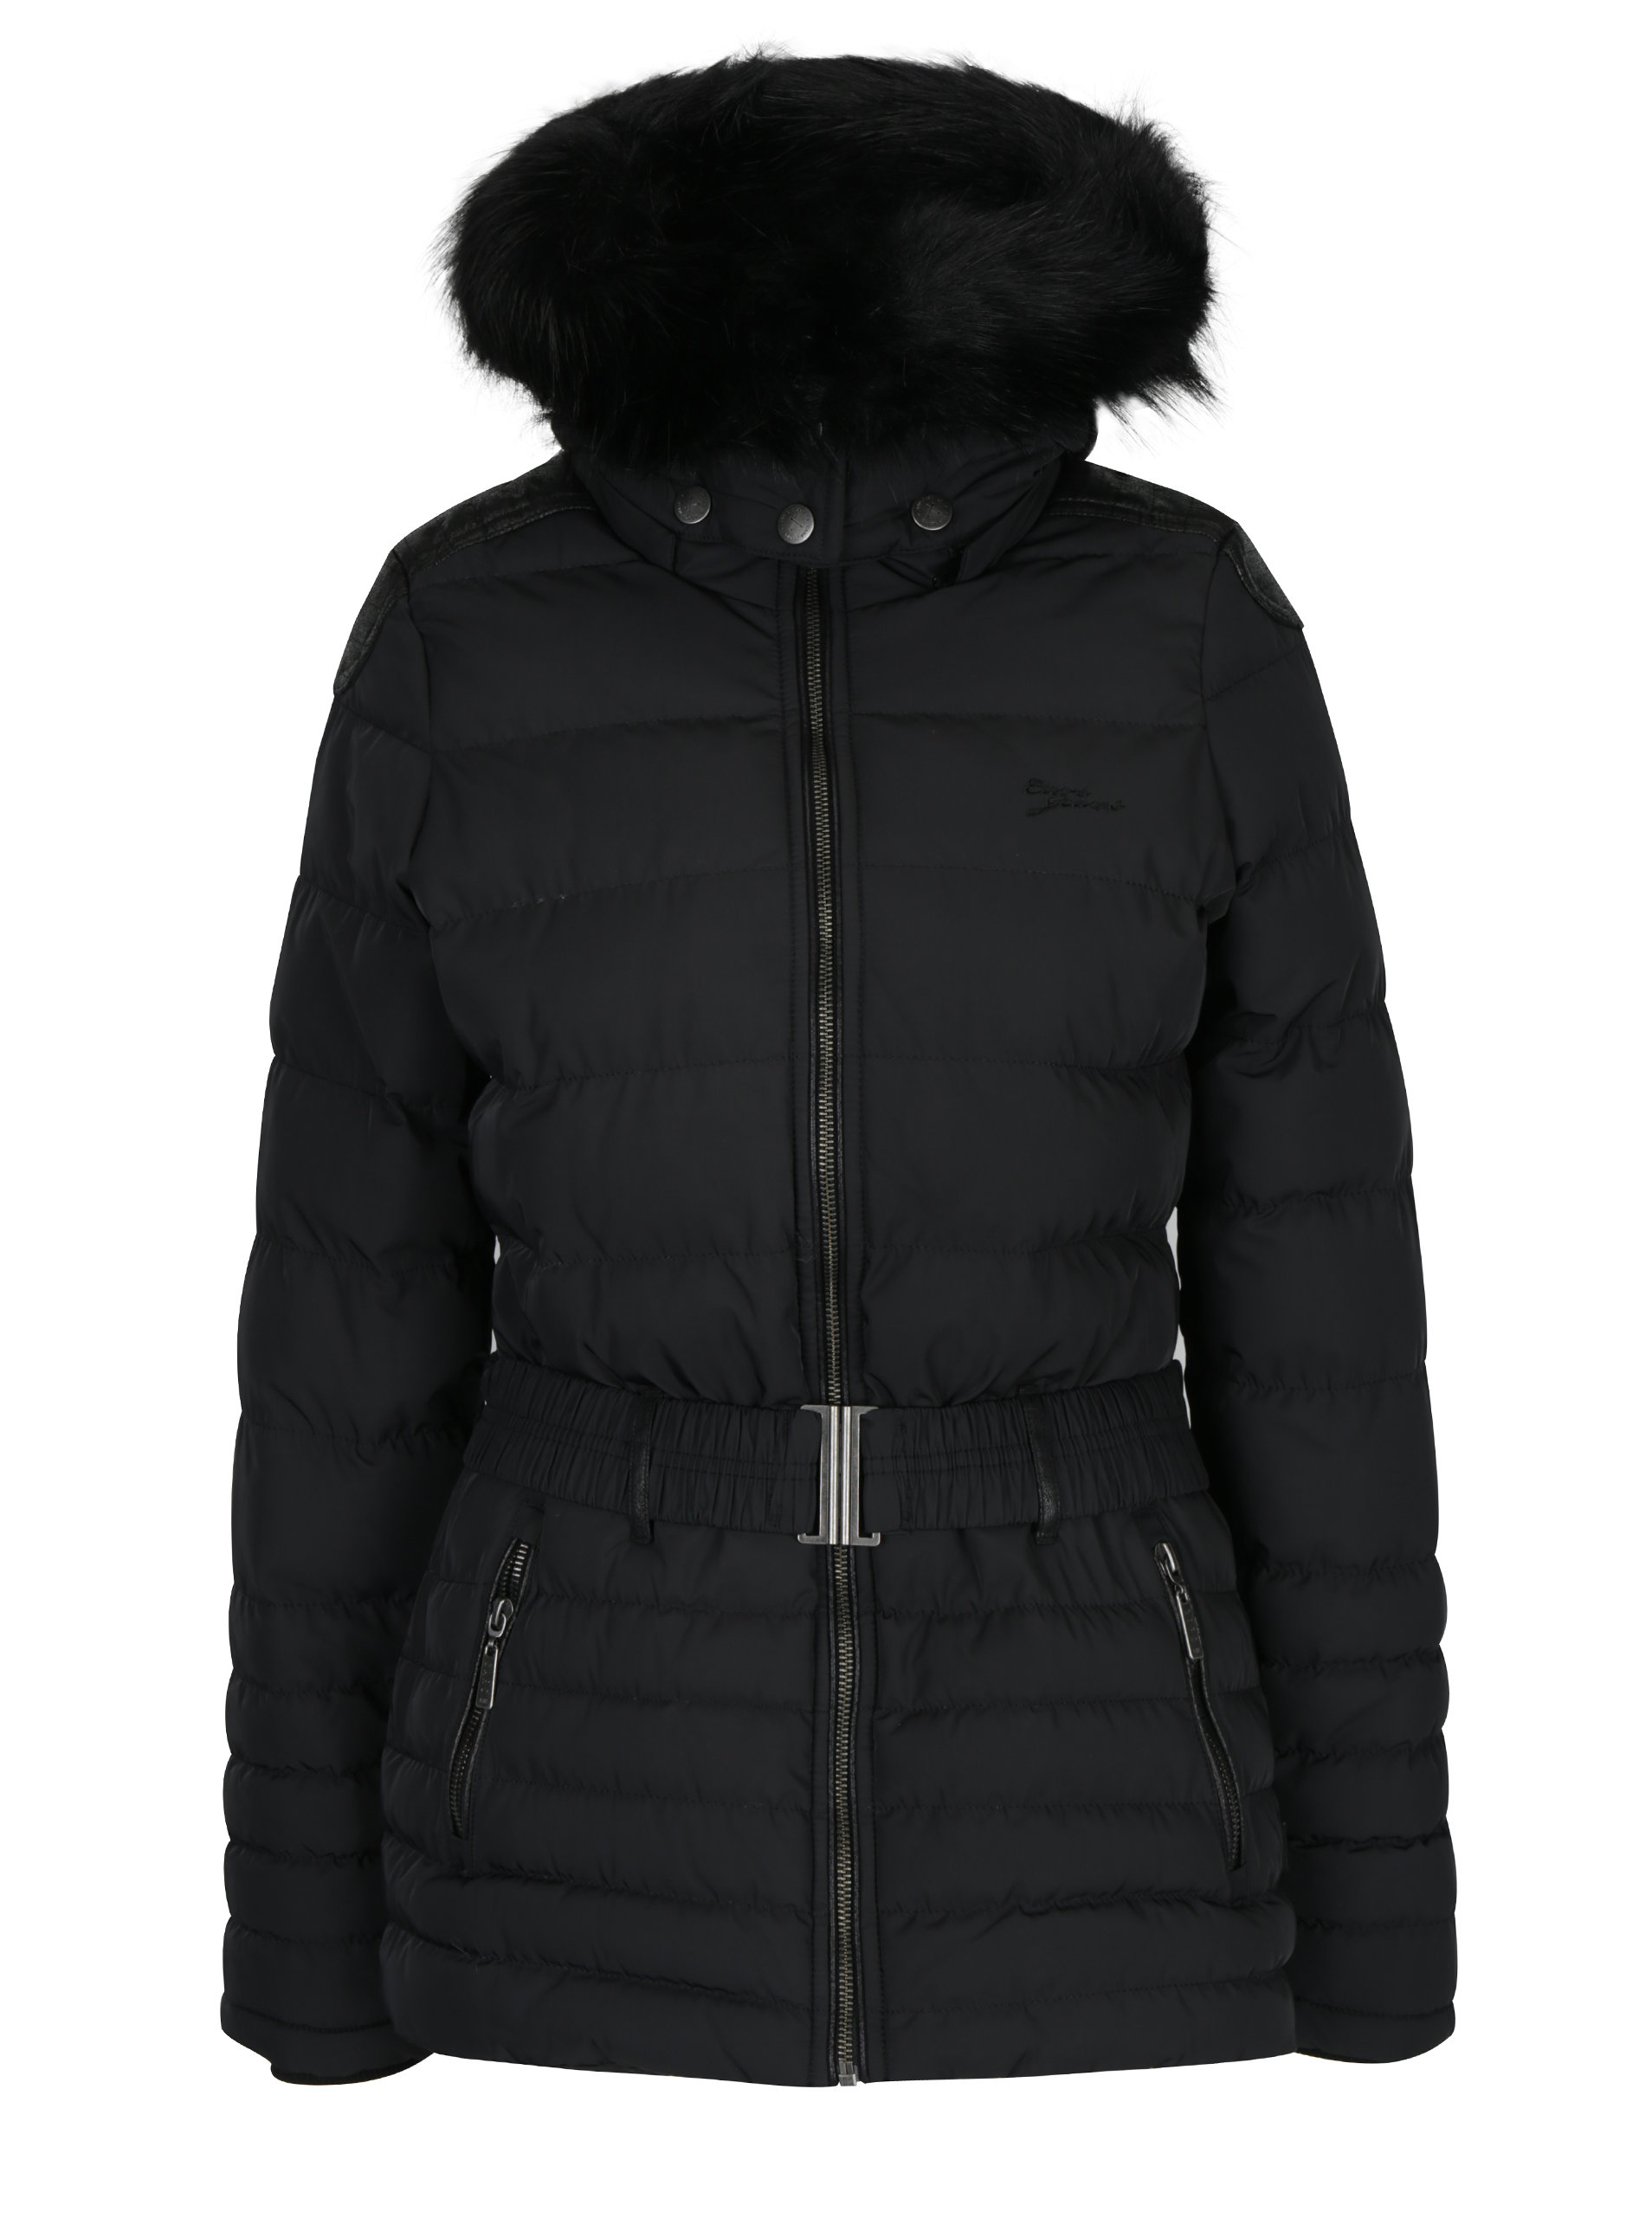 Čierny dámsky krátky prešívaný kabát s kapucňou a opaskom Cars Cler ... da051e71a14